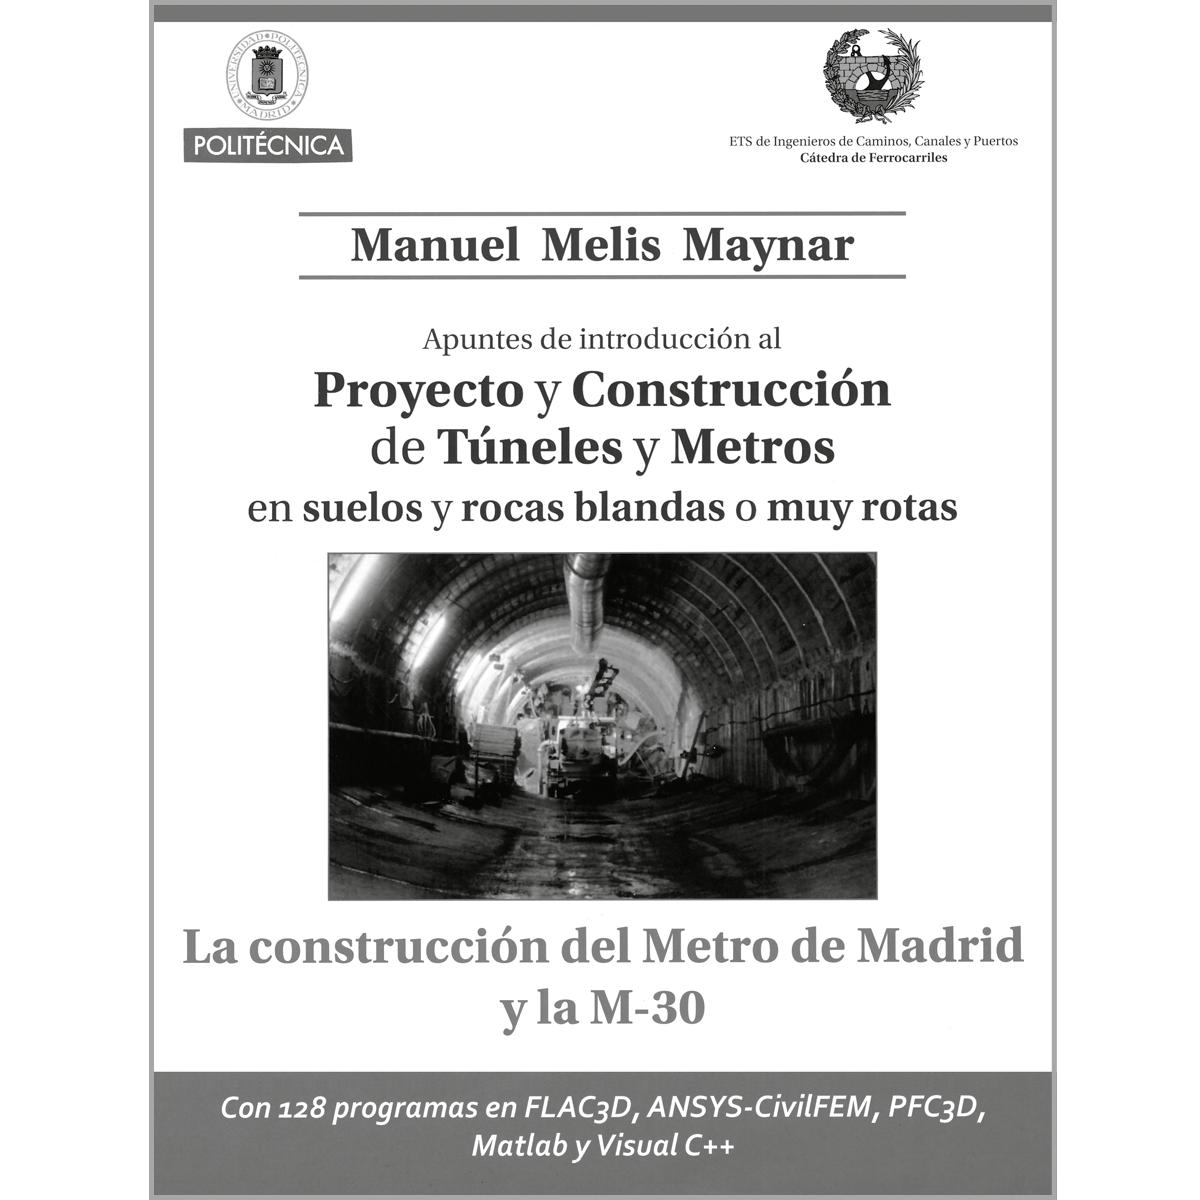 Apuntes de introducción al proyecto y construcción de túneles y metros en suelos y rocas blandas o muy rotas